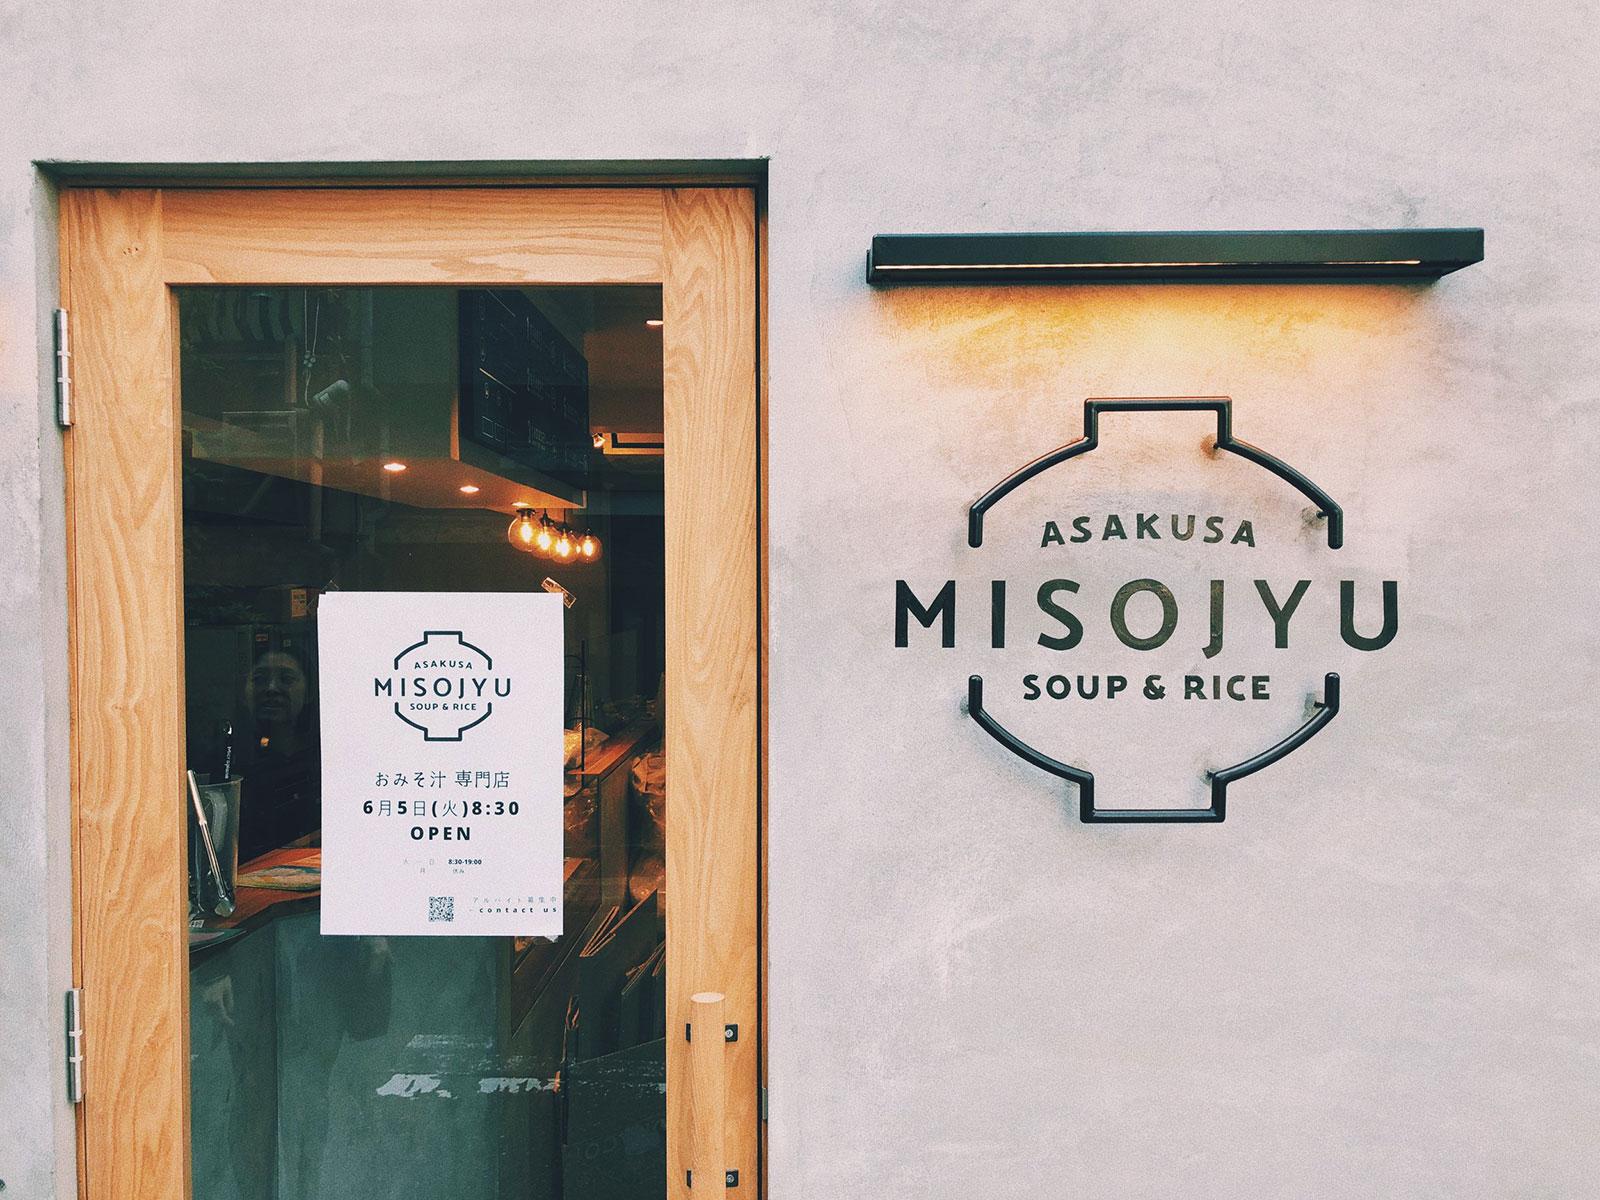 国外餐饮品牌Misojyu形象vi设计